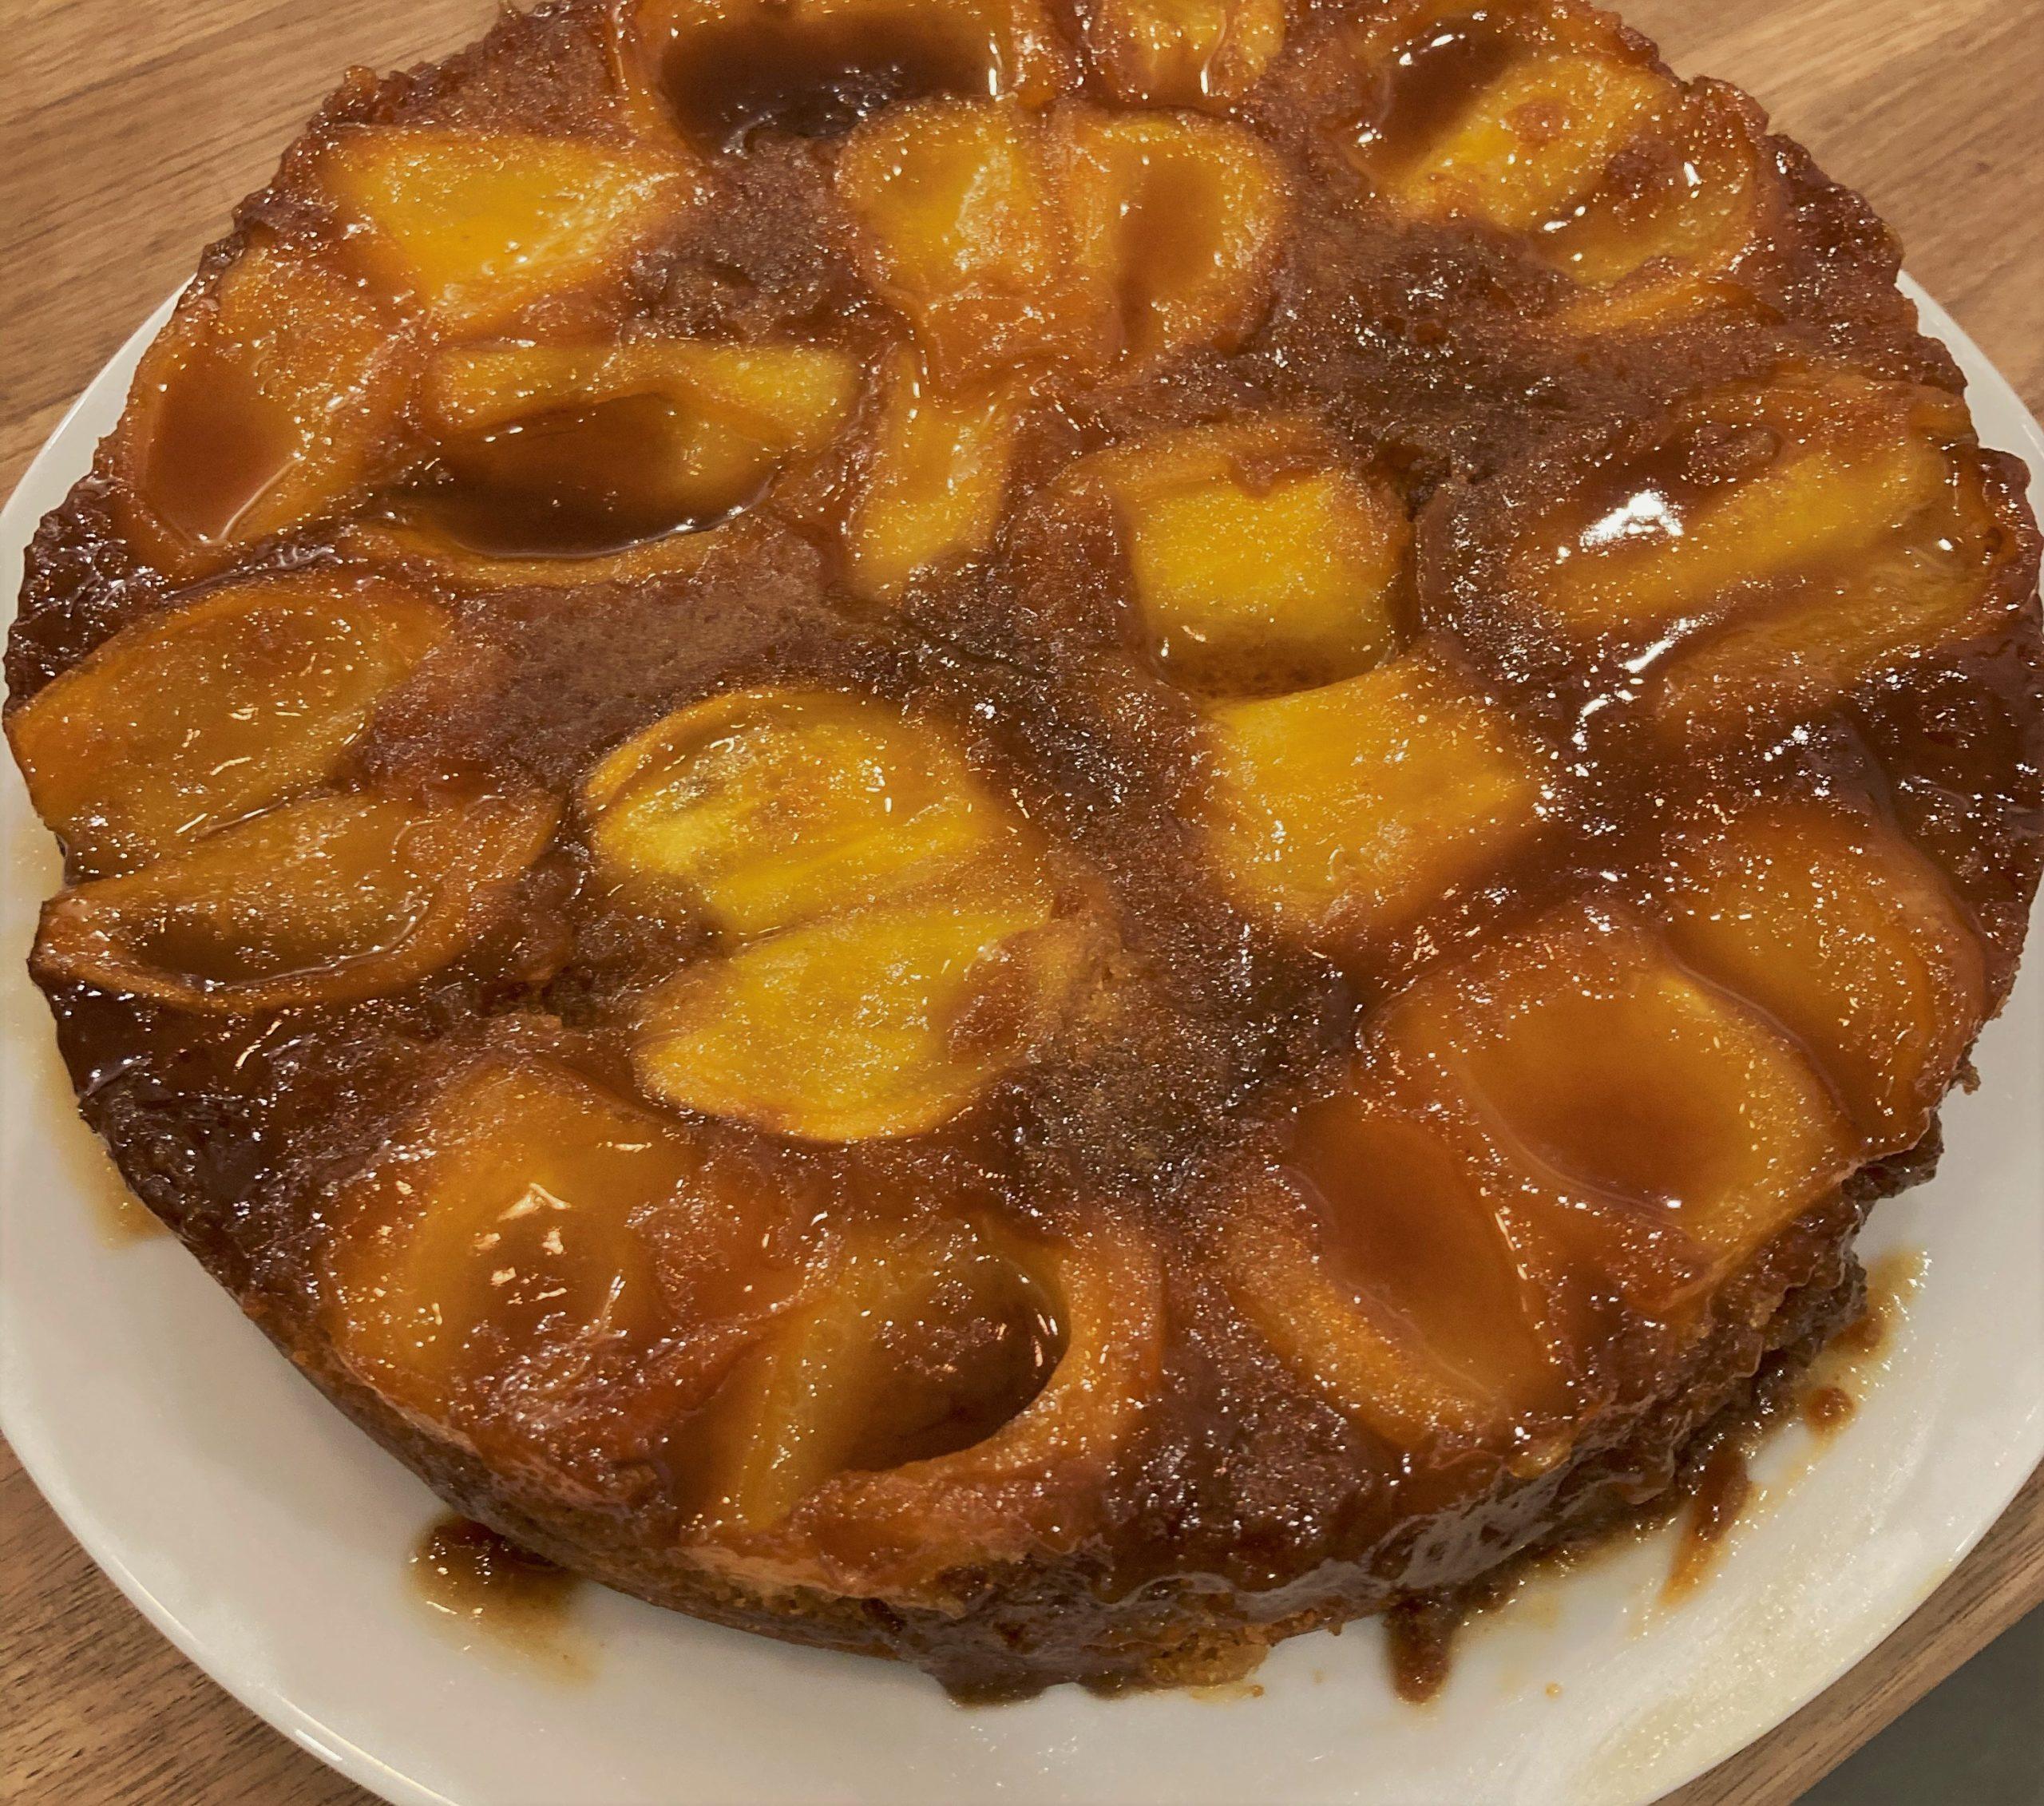 recette de gâteau renversé au fruit du jacquier